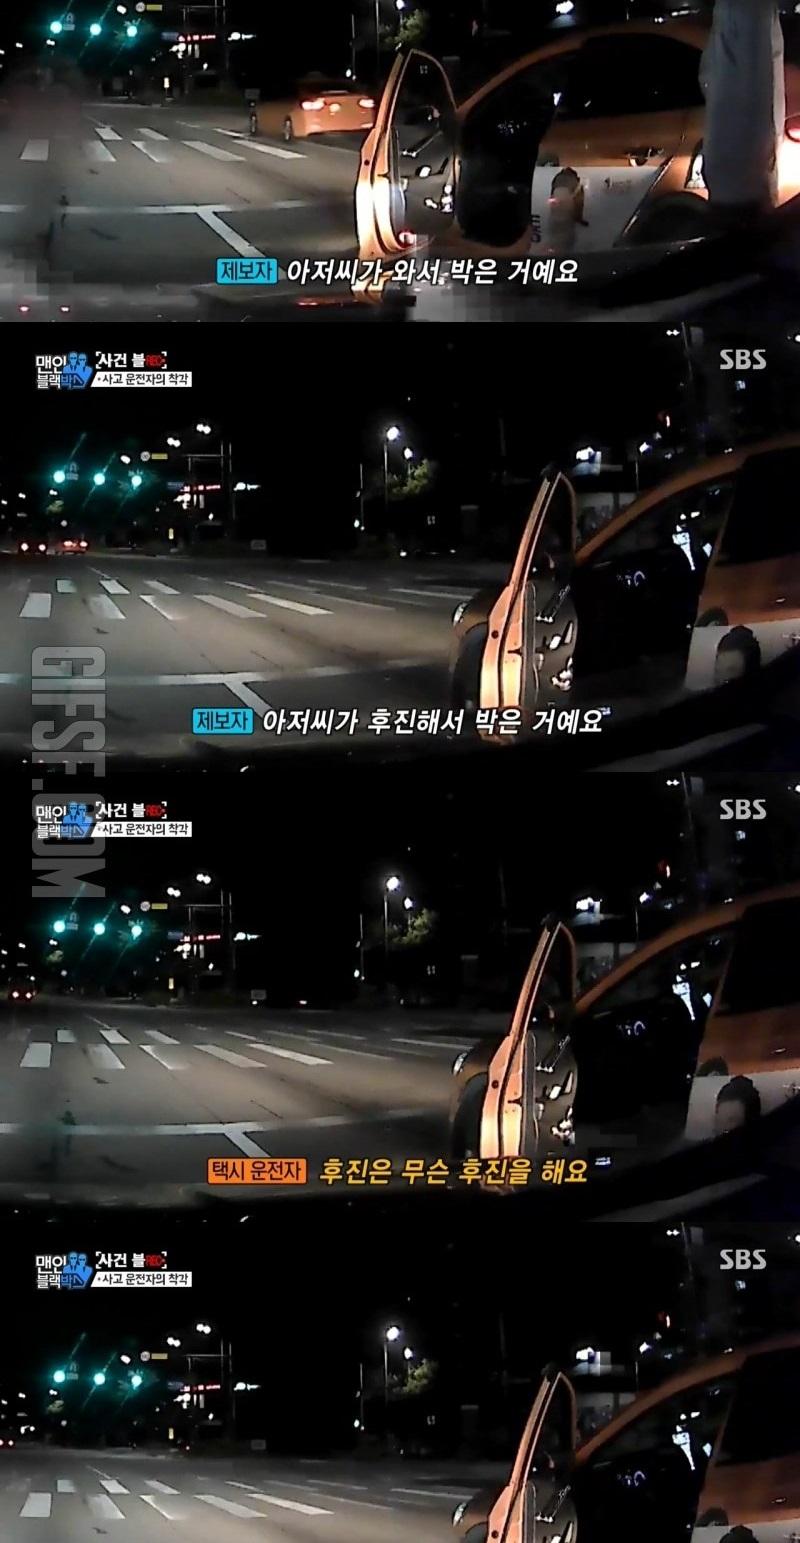 사고 운전자의 착각